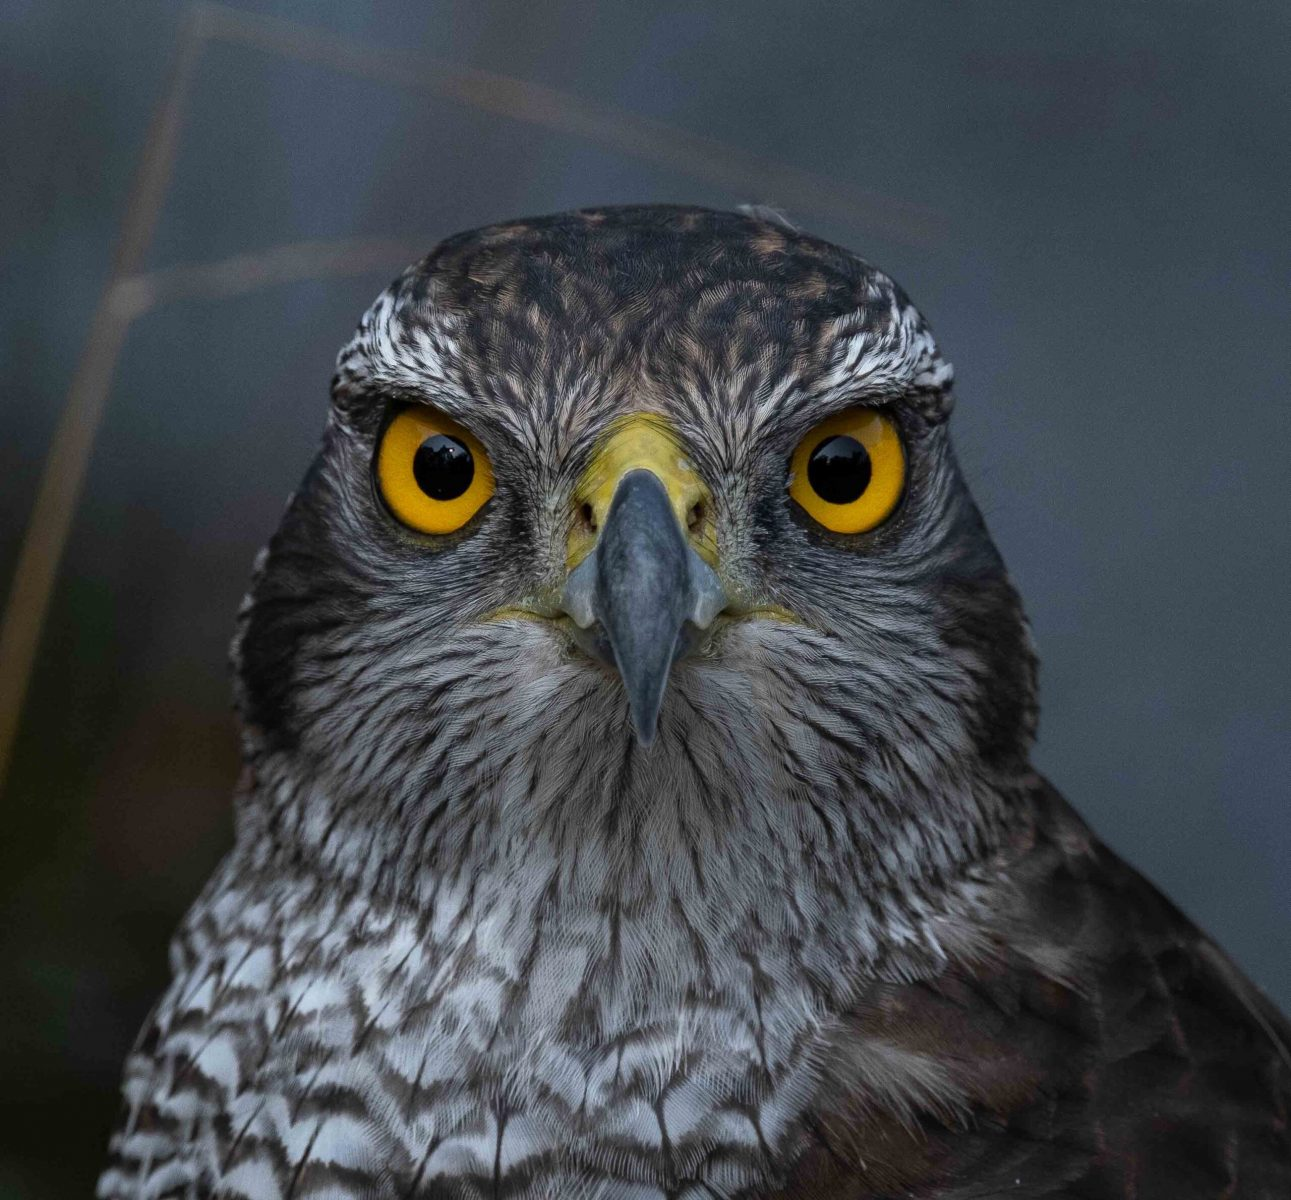 Havik close-up